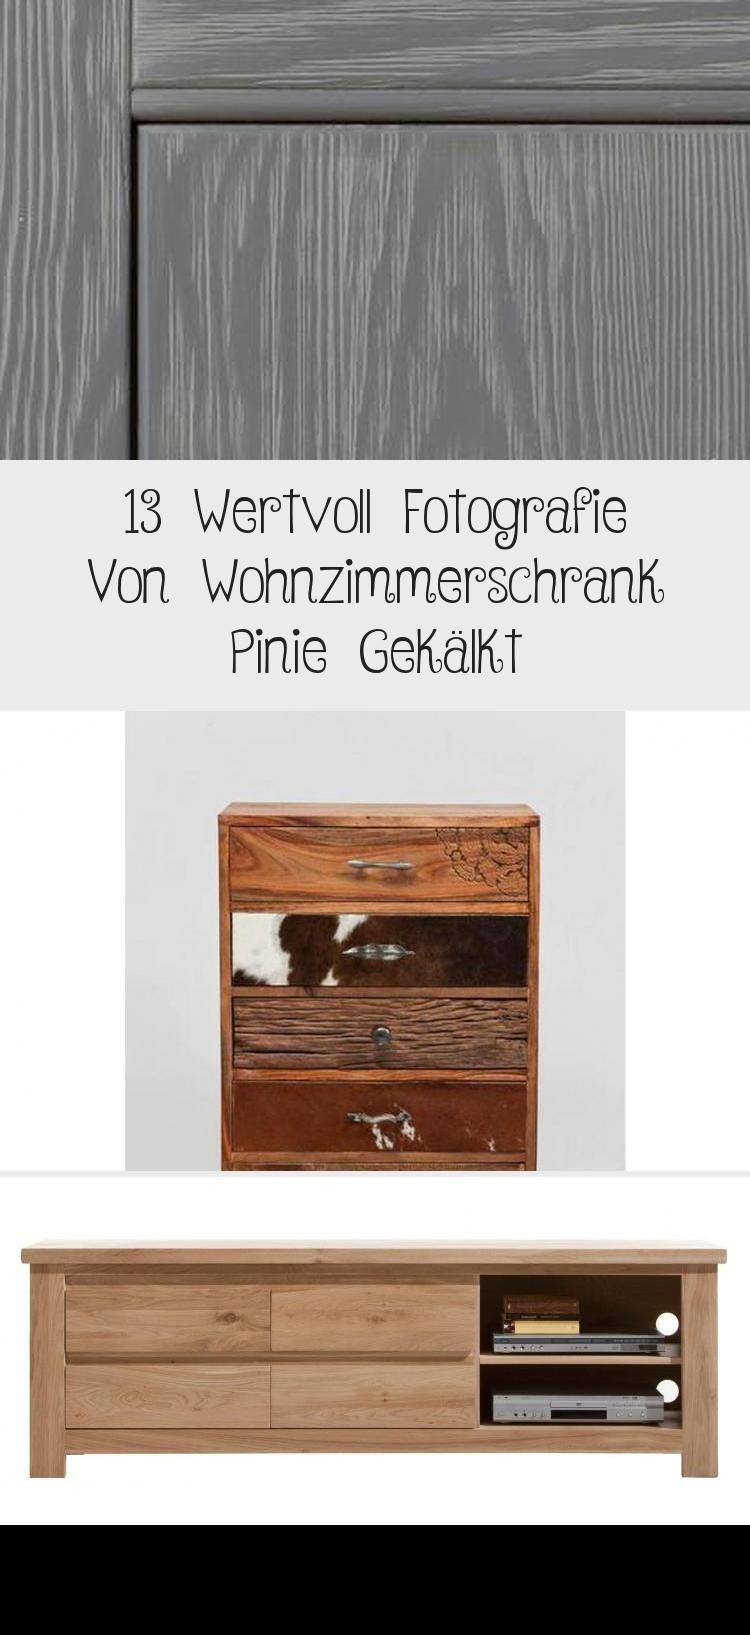 6 Wertvoll Fotografie Von Wohnzimmerschrank Pinie Gekälkt